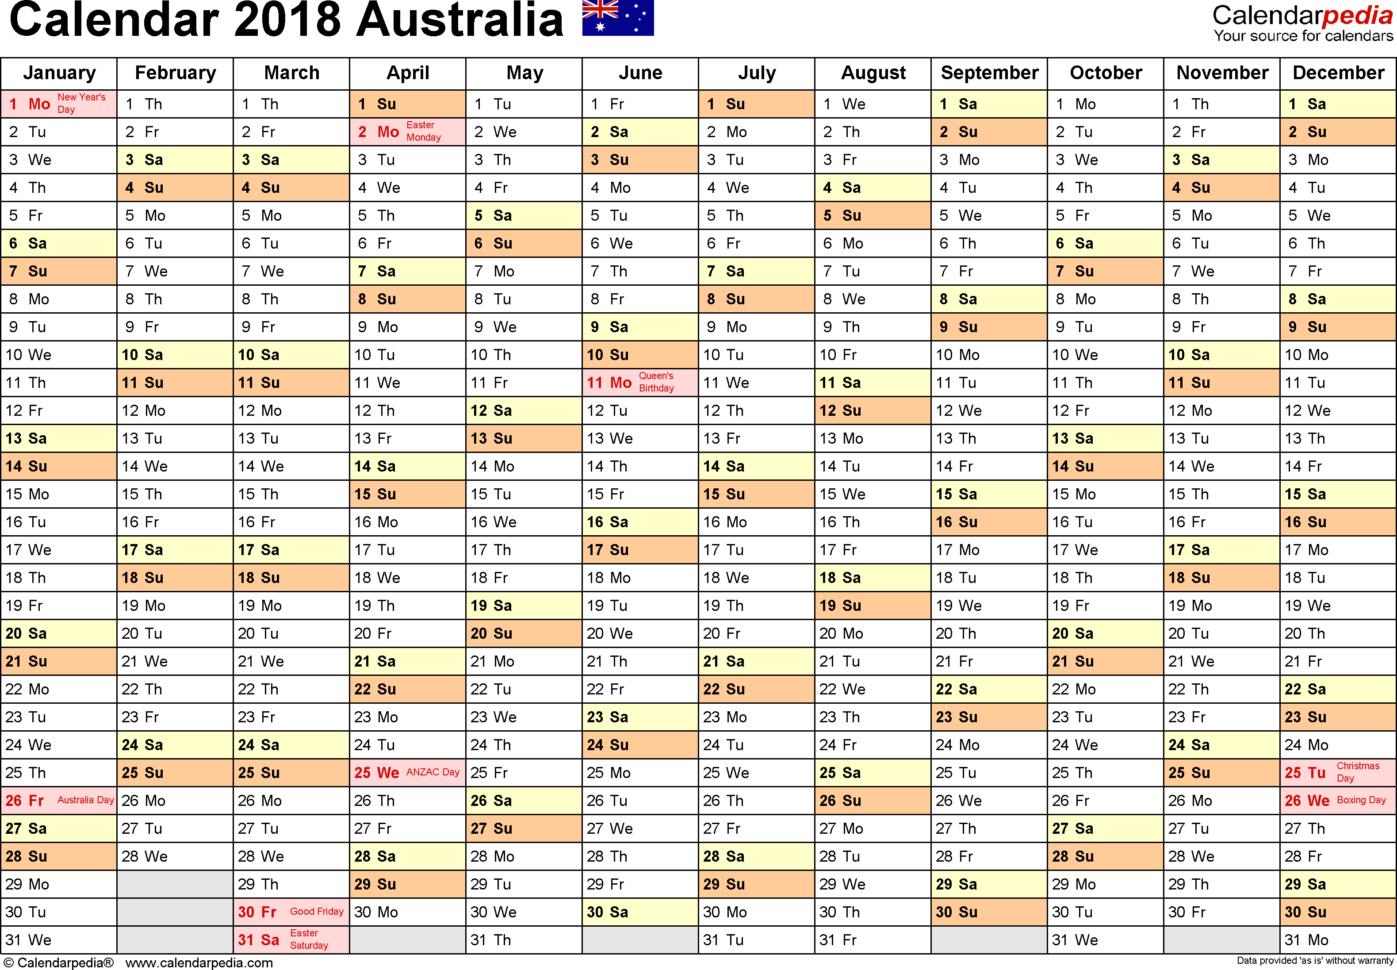 Calendar Spreadsheet Template 2018 Regarding Australia Calendar 2018  Free Printable Excel Templates